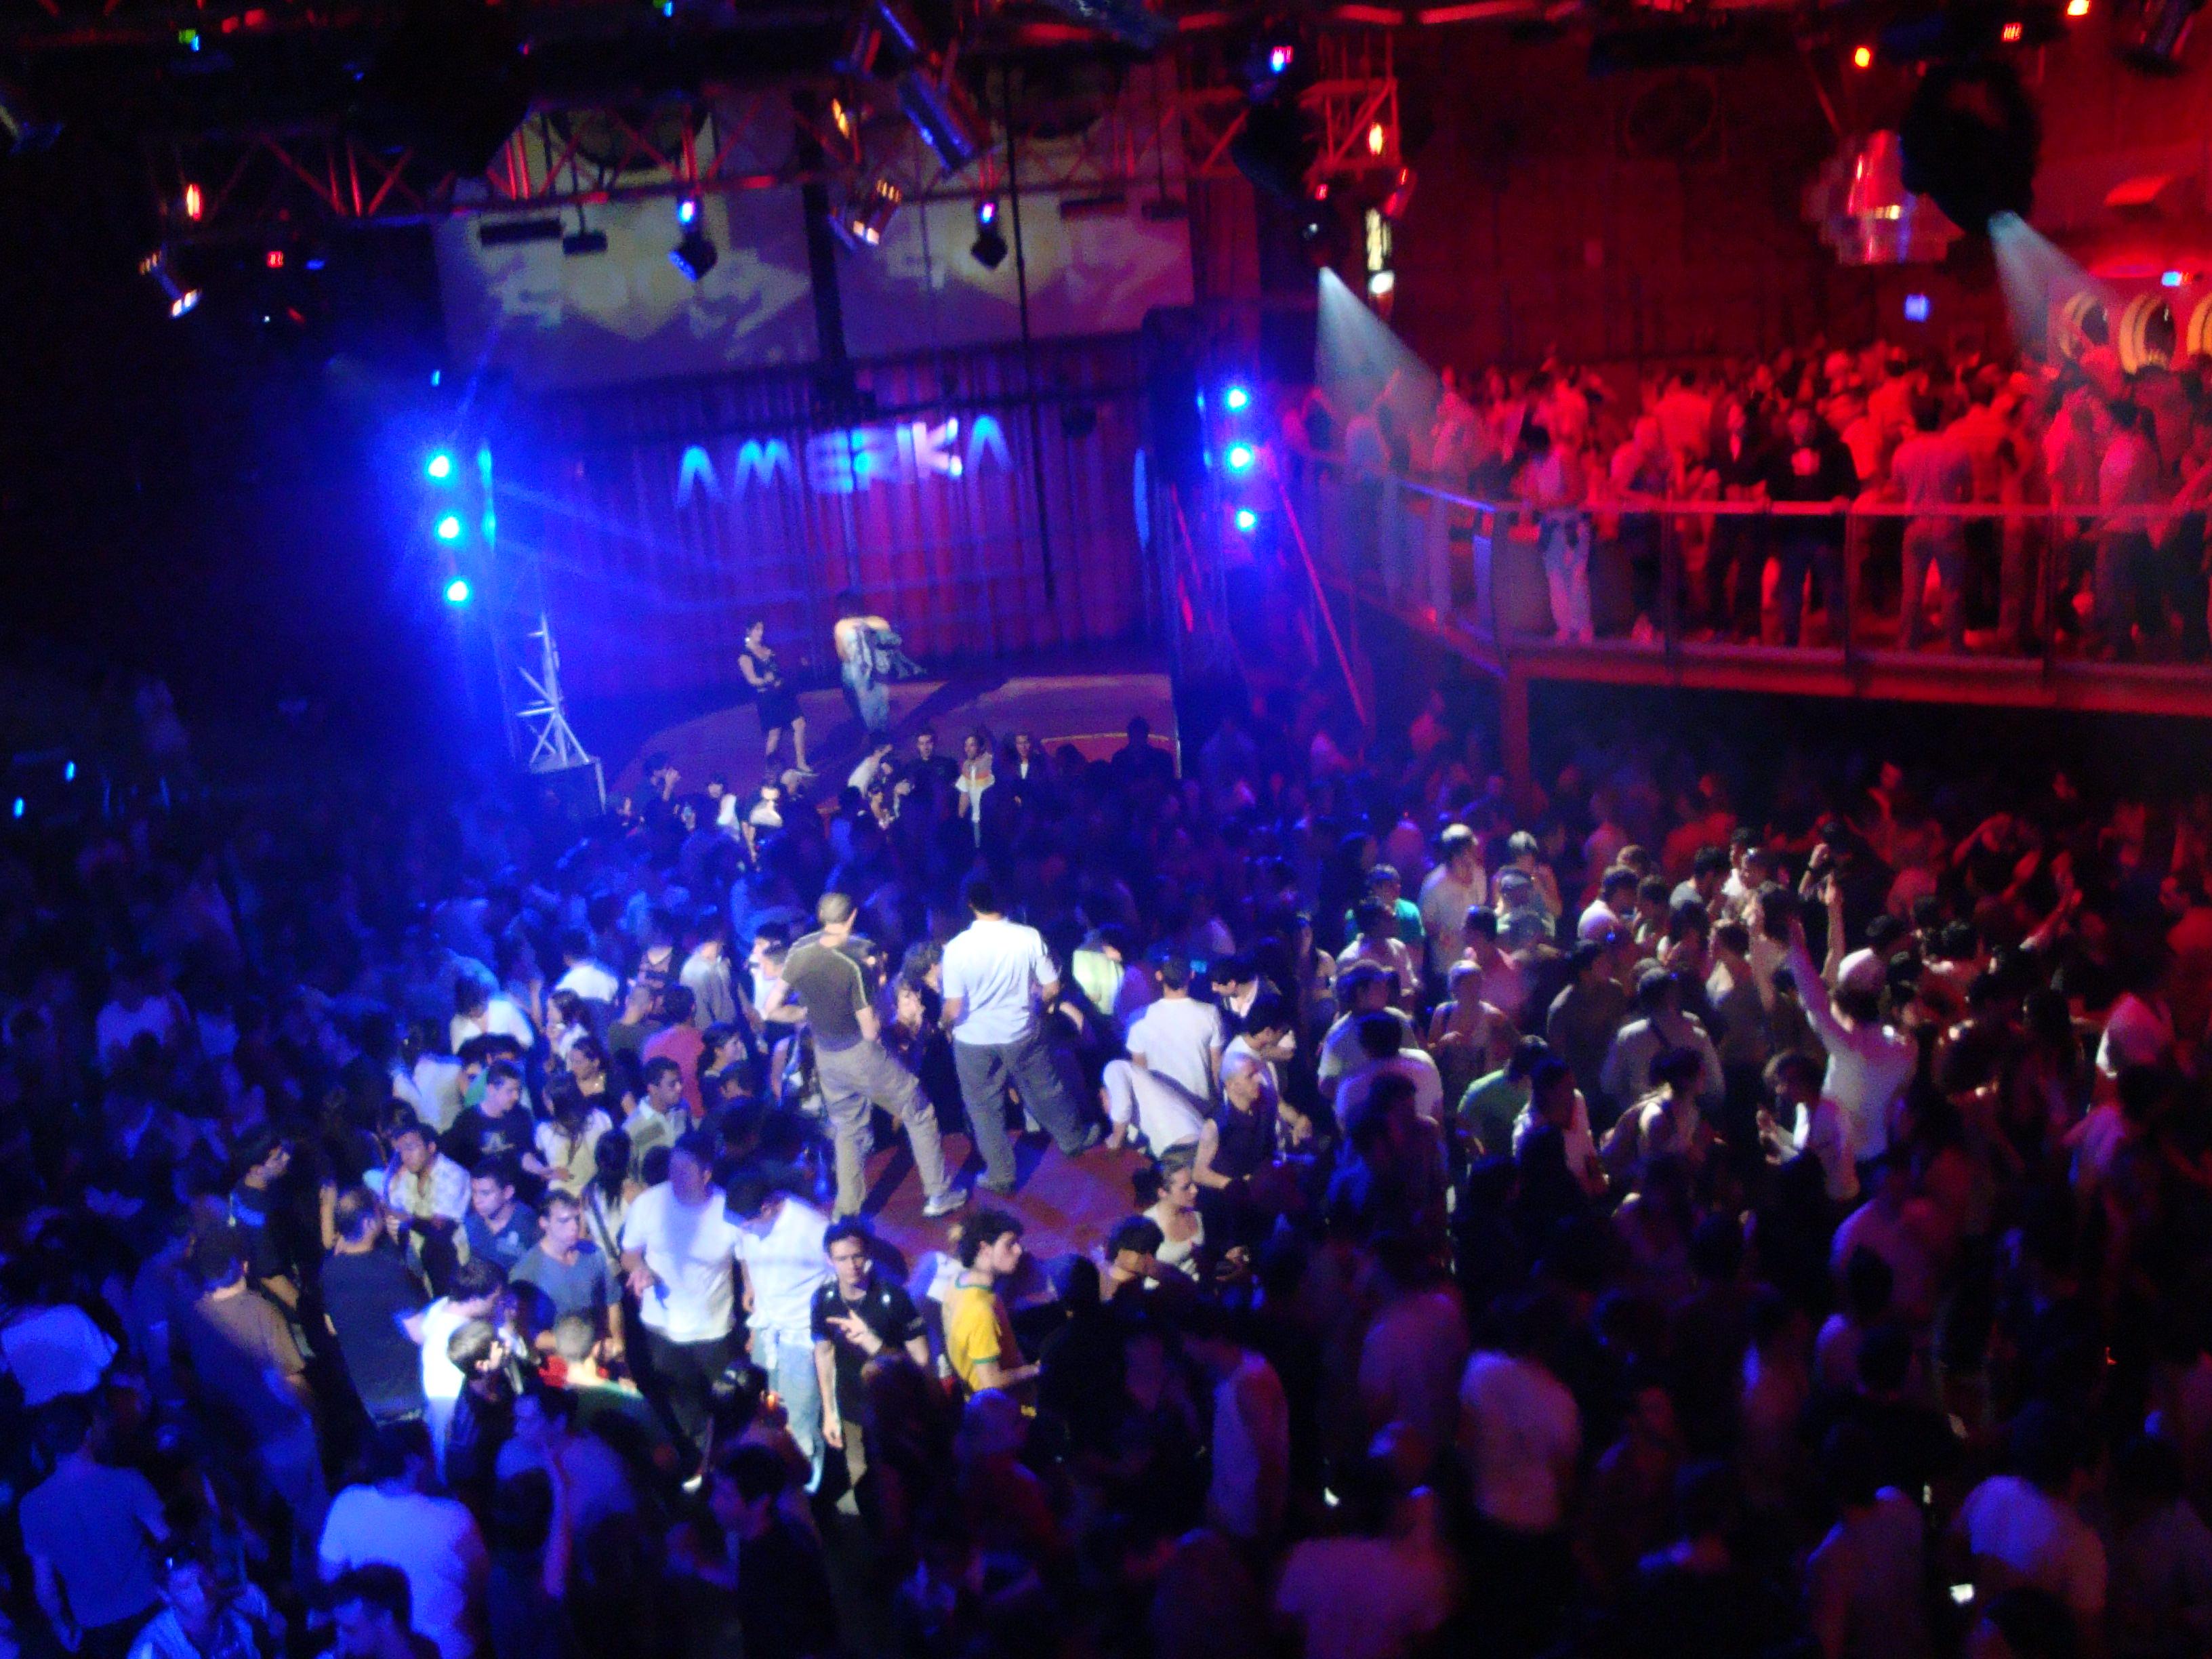 Irregolarità in discoteca, gravi pericoli per l'incolumità dei clienti: attività sospesa